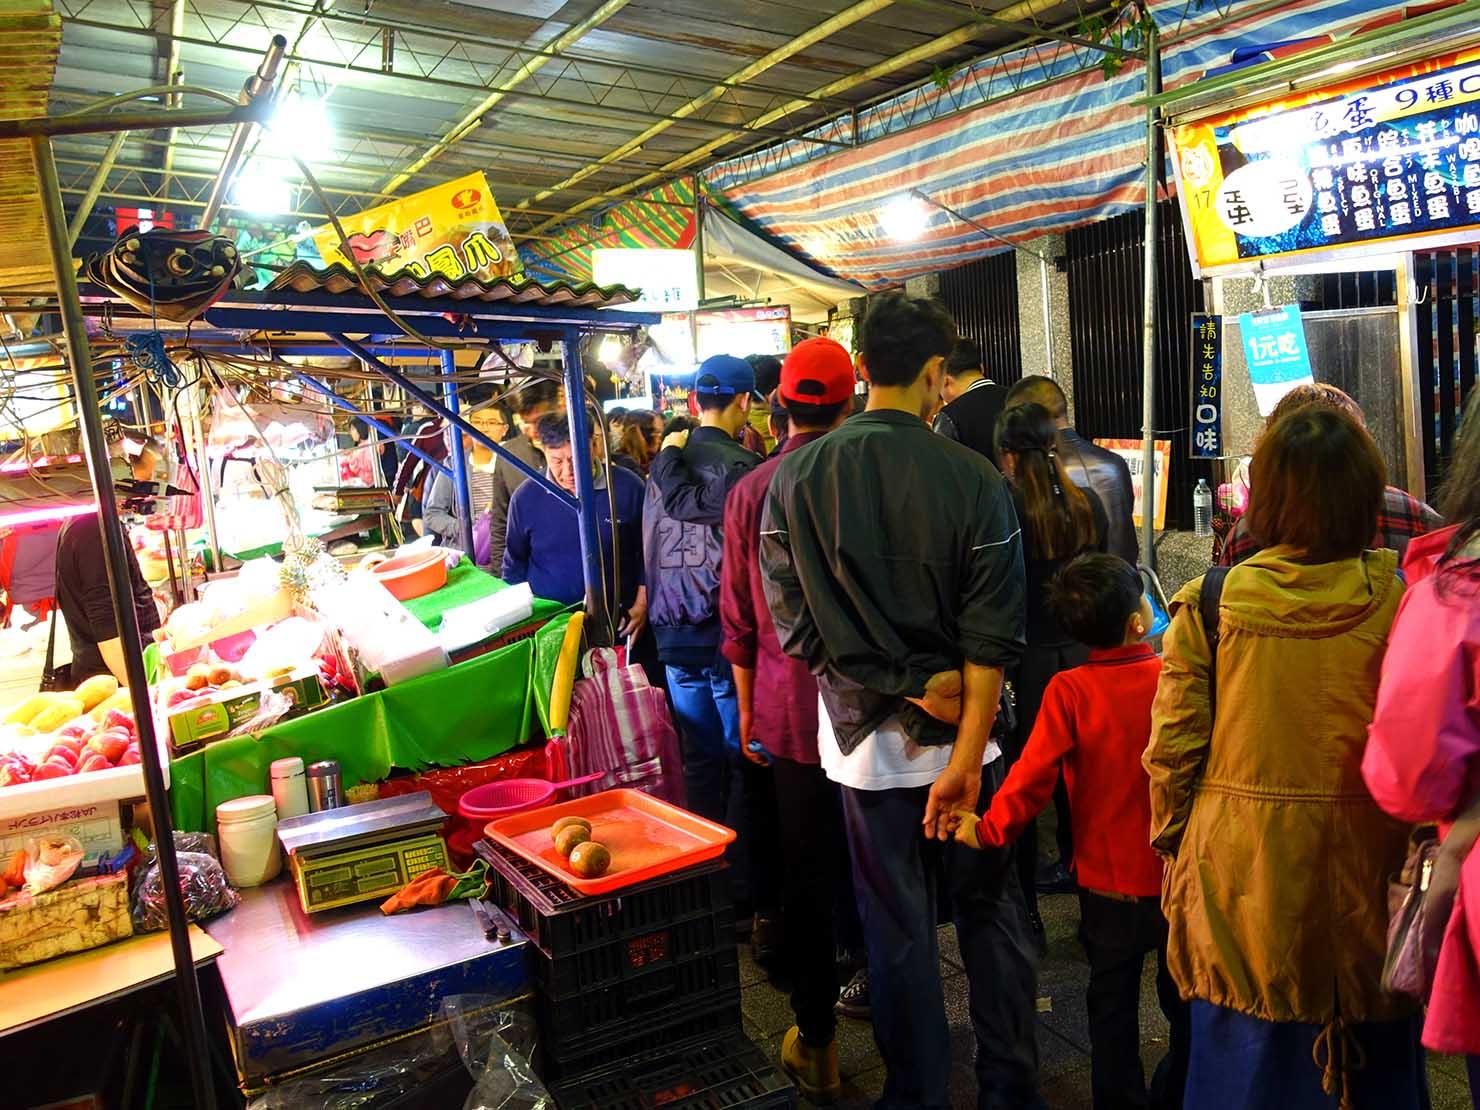 春節(旧正月)を迎えたの台北の観光スポット「寧夏夜市」